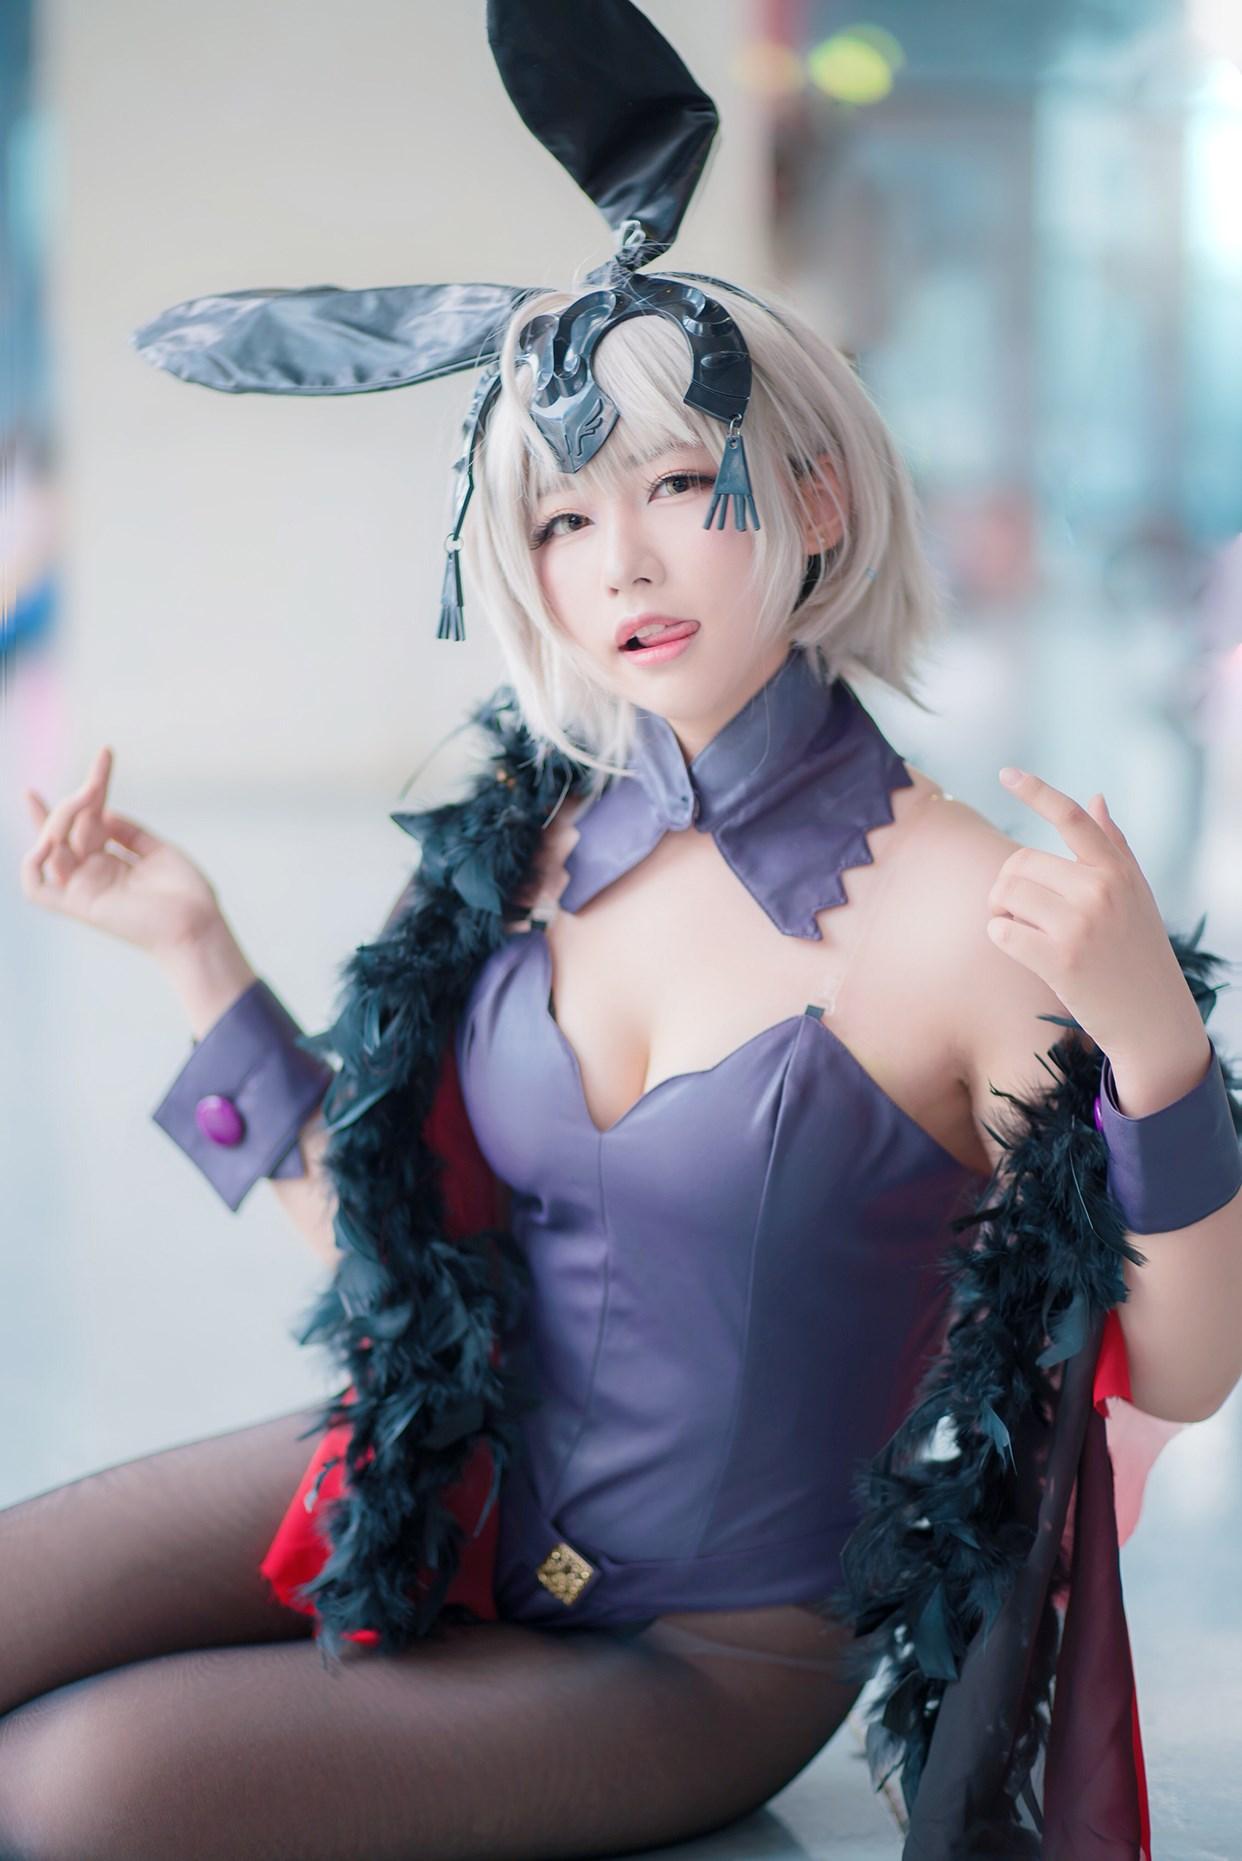 【兔玩映画】黑丝cos 兔玩映画 第20张